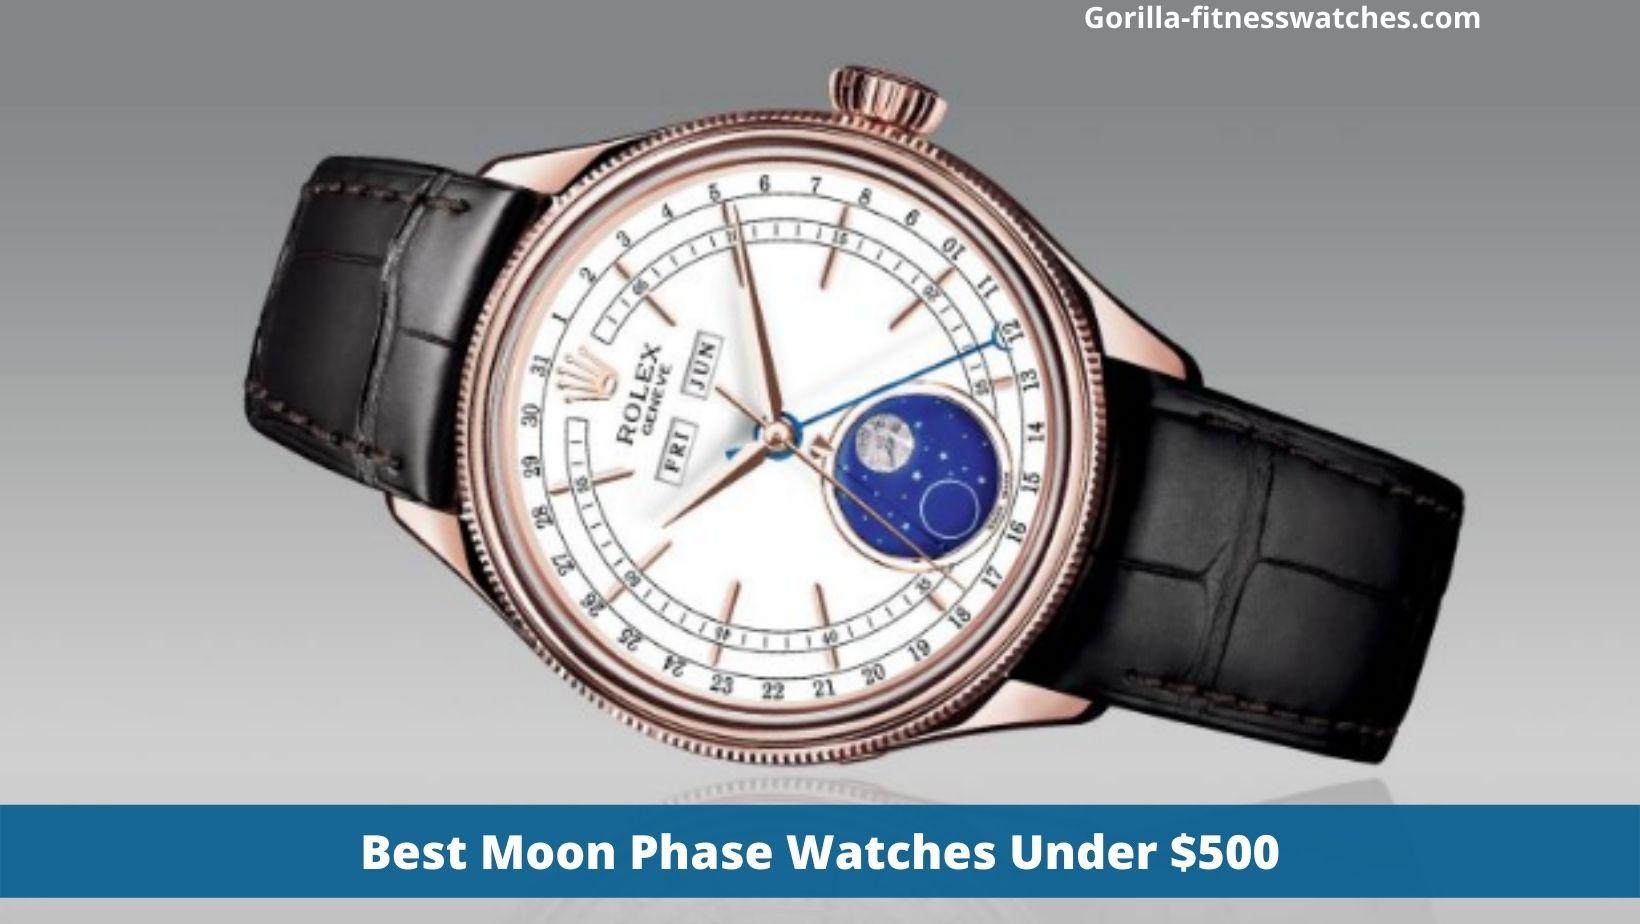 Best Moon Phase Watches Under $500